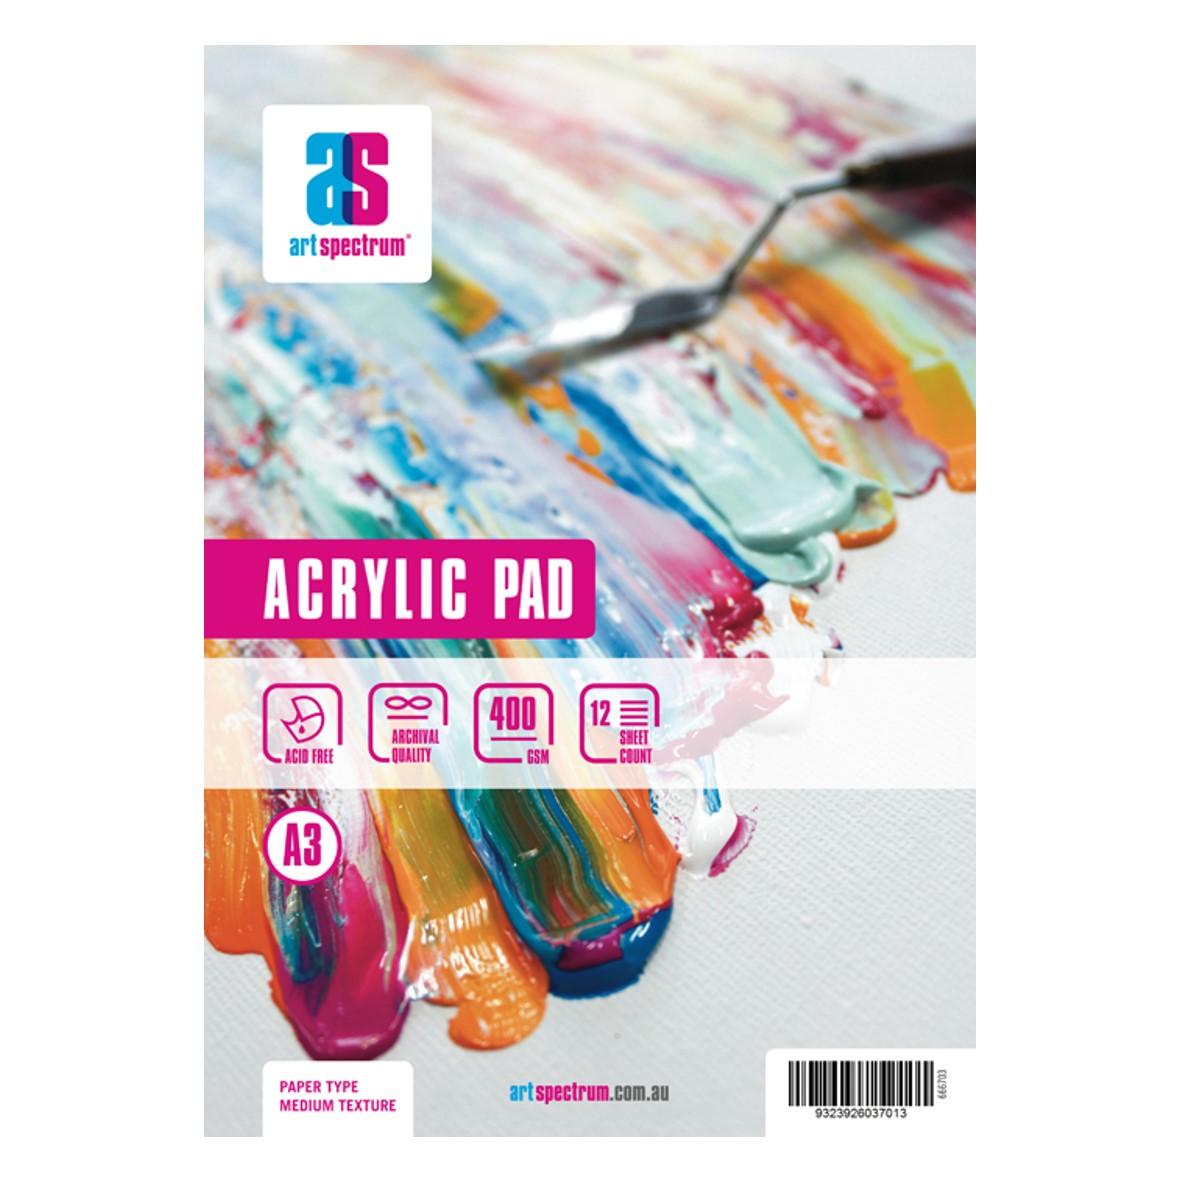 Art Spectrum Acrylic Pad A3 400gsm